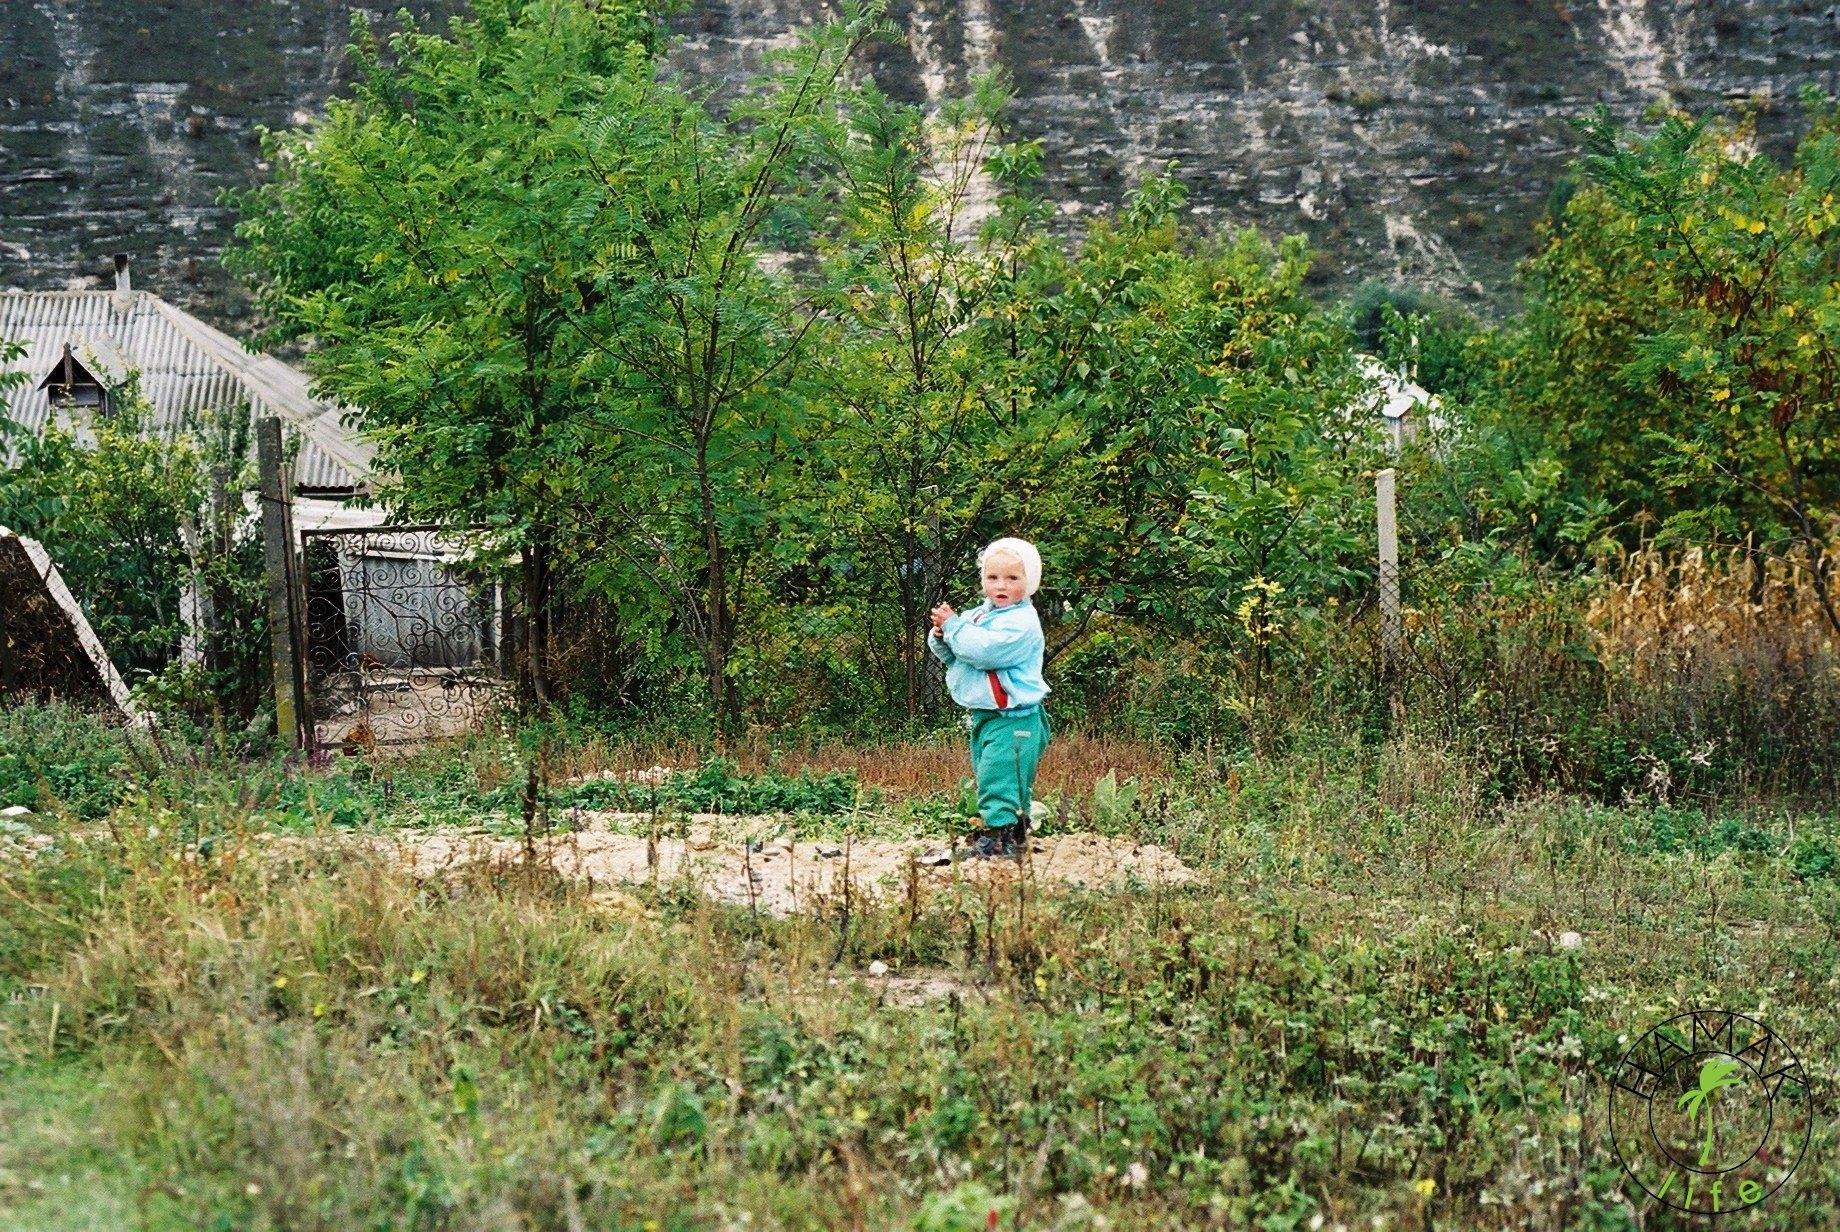 Wioska w Mołdawii. Dziecko obok chałupy.